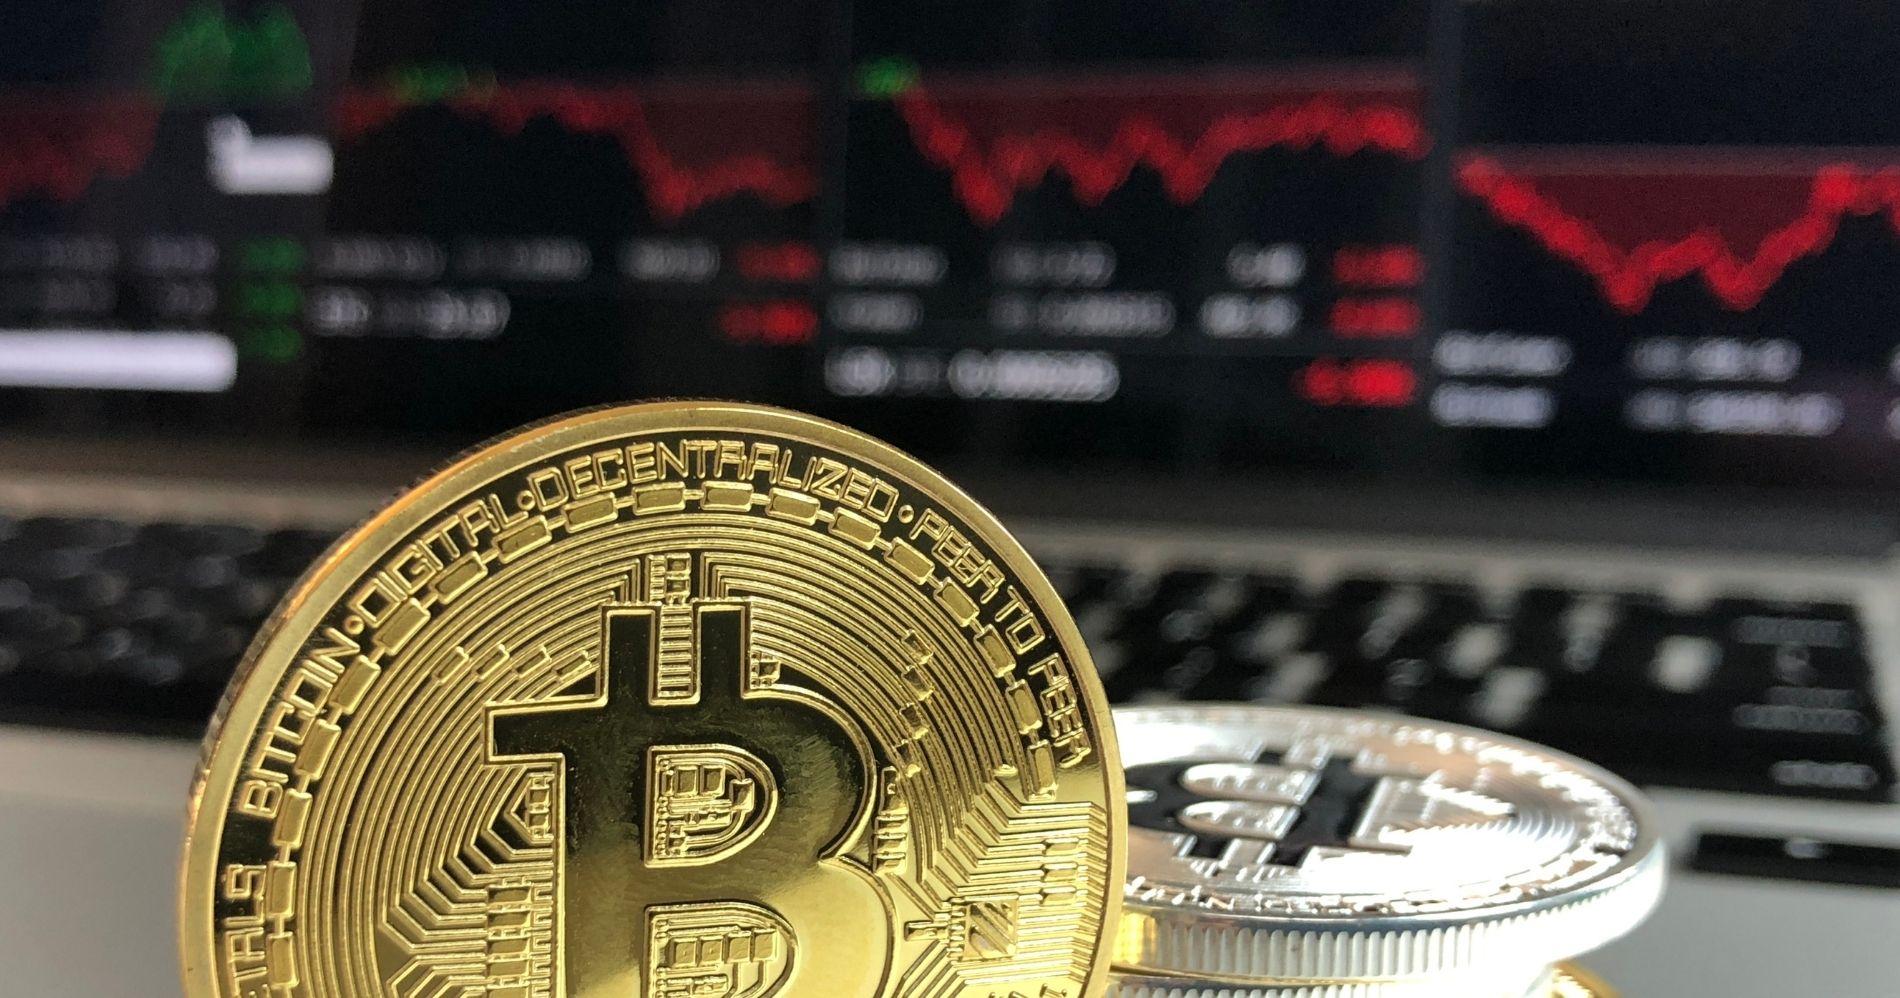 Kenapa Bitcoin Turun di Hari Pertama Digunakan El Salvador Illustration Web Bisnis Muda - Image: Canva